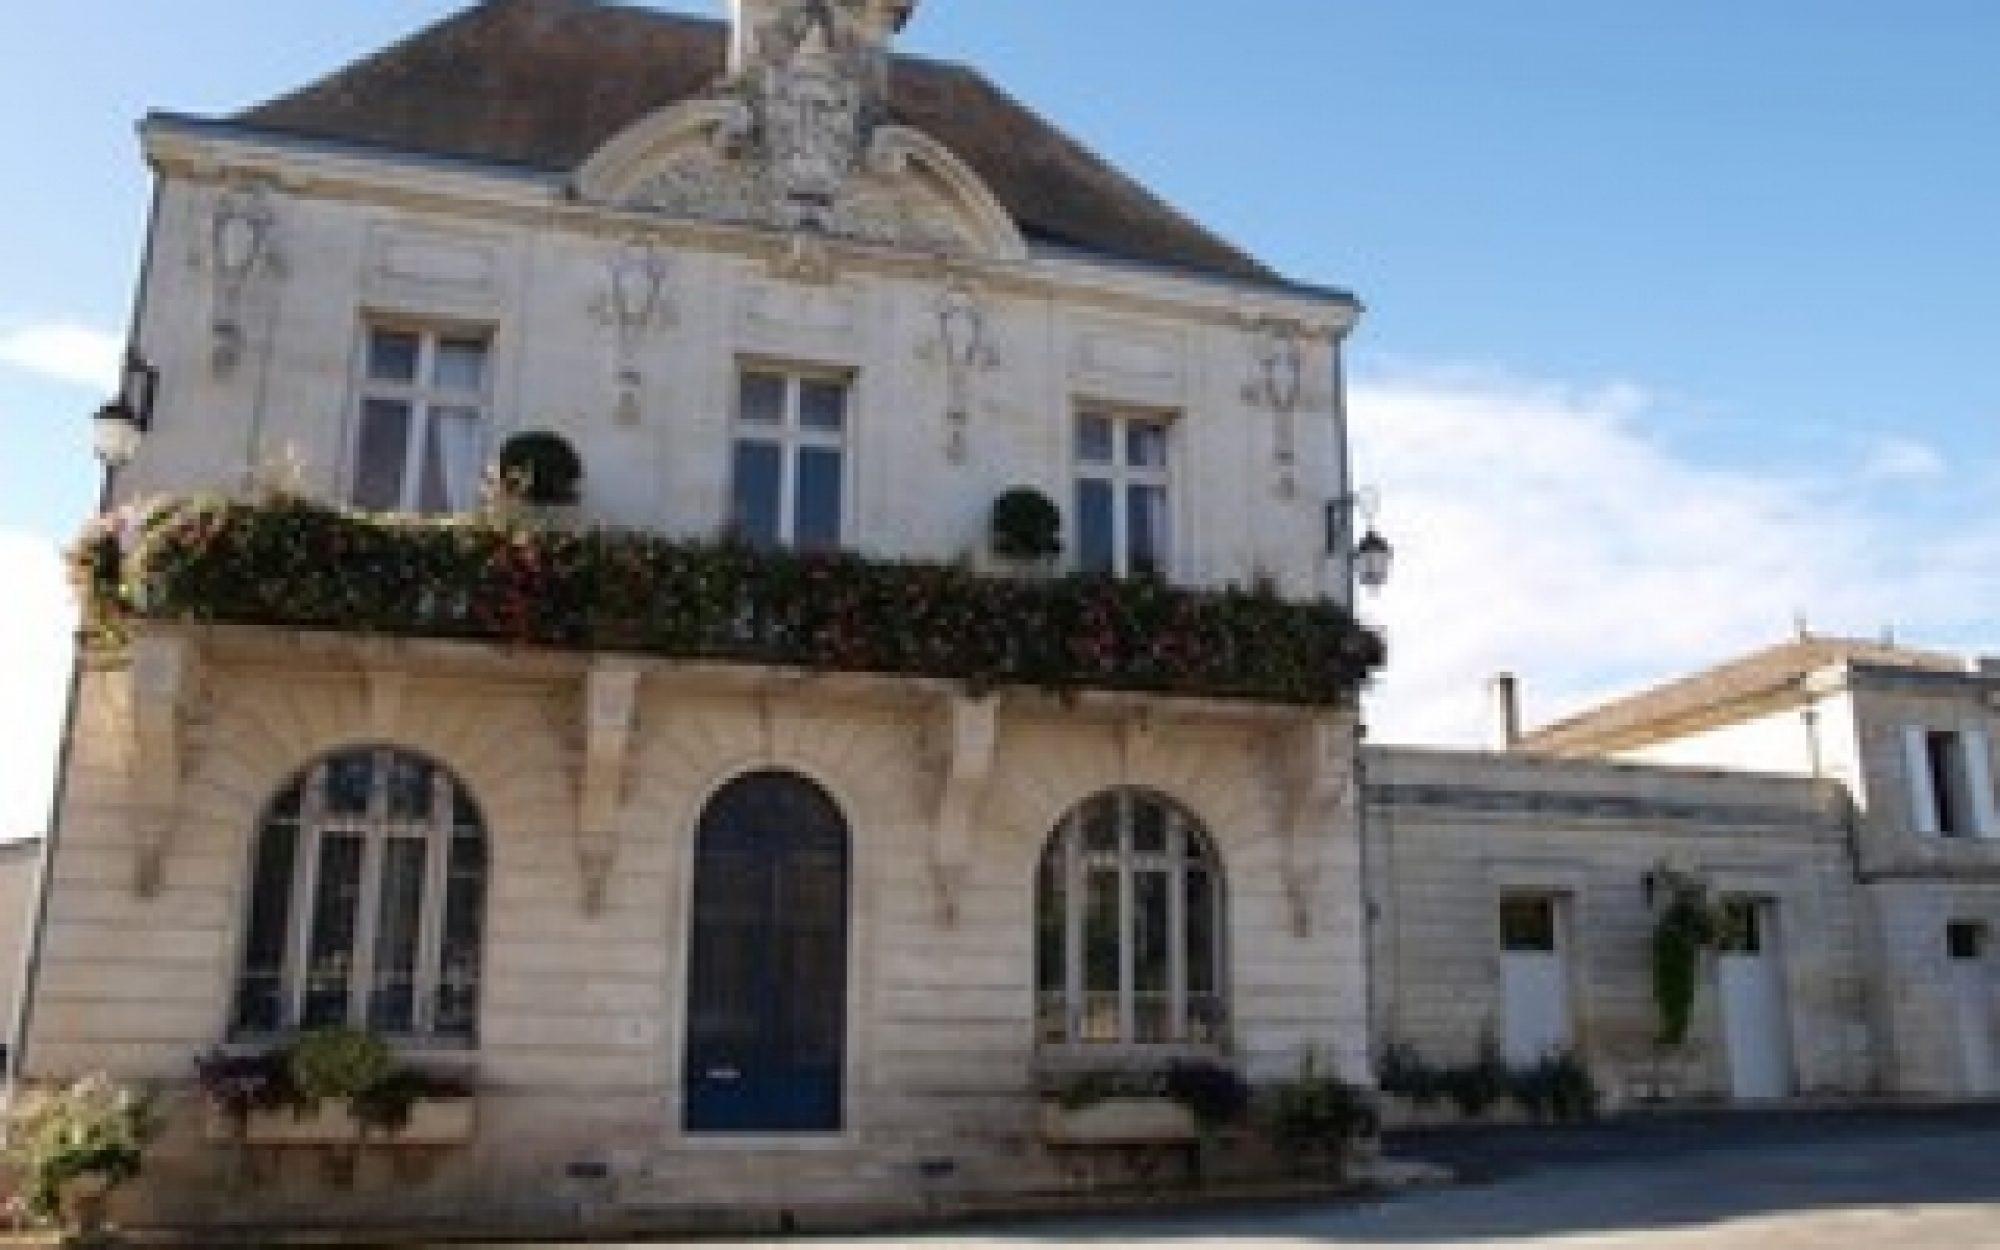 LUSSAC en Gironde